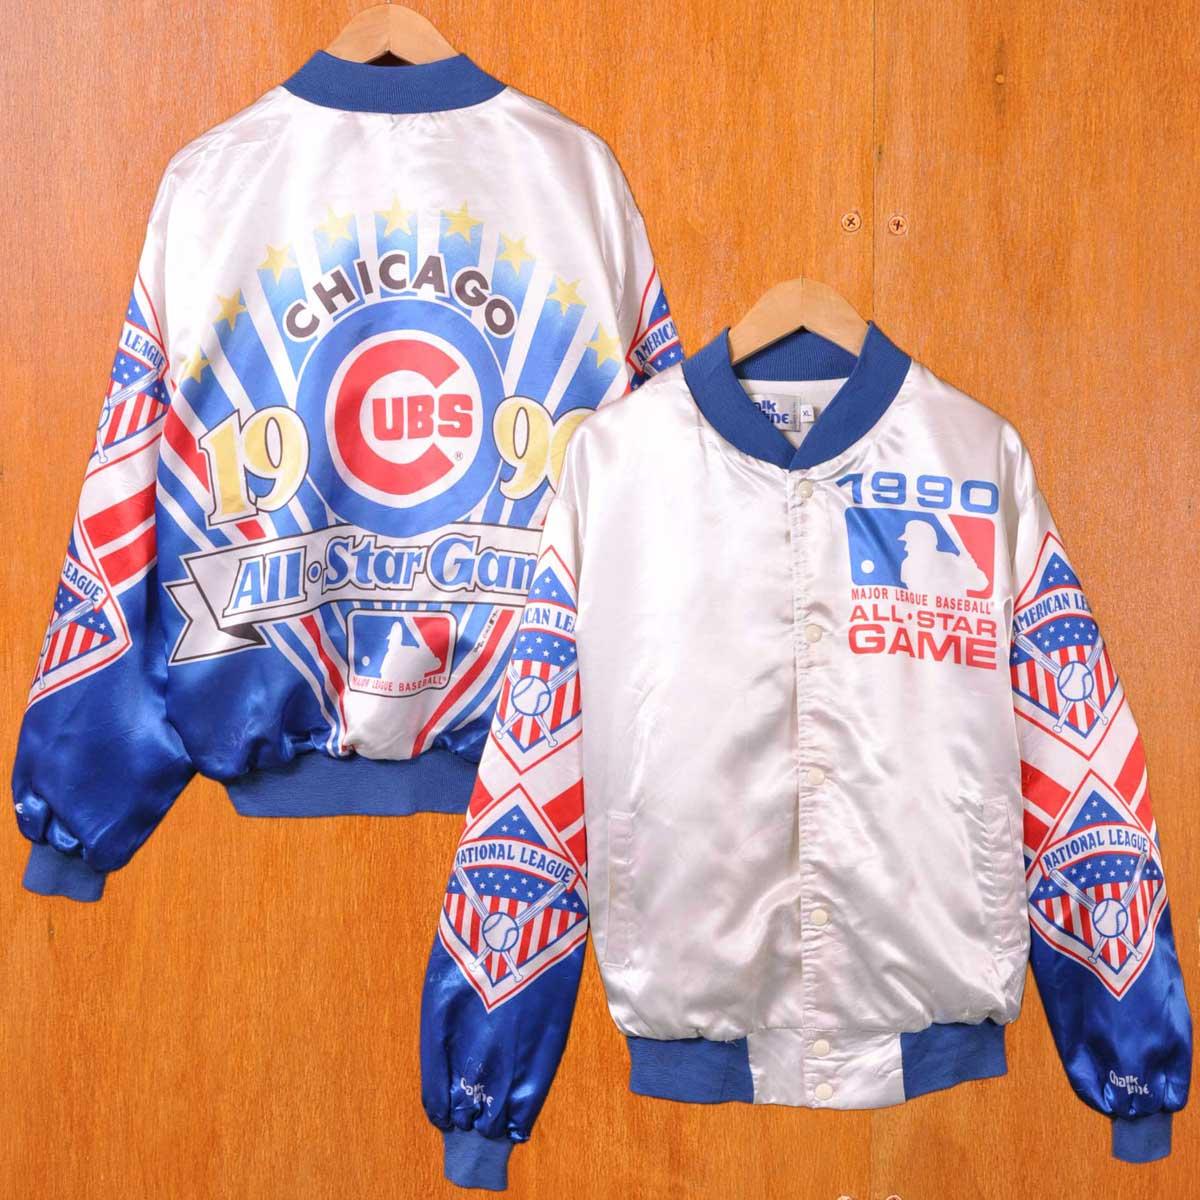 【ビッグサイズ】ヴィンテージ 1990年代 USA製 Chalk Line チョークライン MLB ALLSTAR Chicago Cubs シカゴ・カブス ナイロンスタジャン スタジアムジャンパー ホワイト×ブルー×レッド ナイロンサテン メンズXL【中古】▼